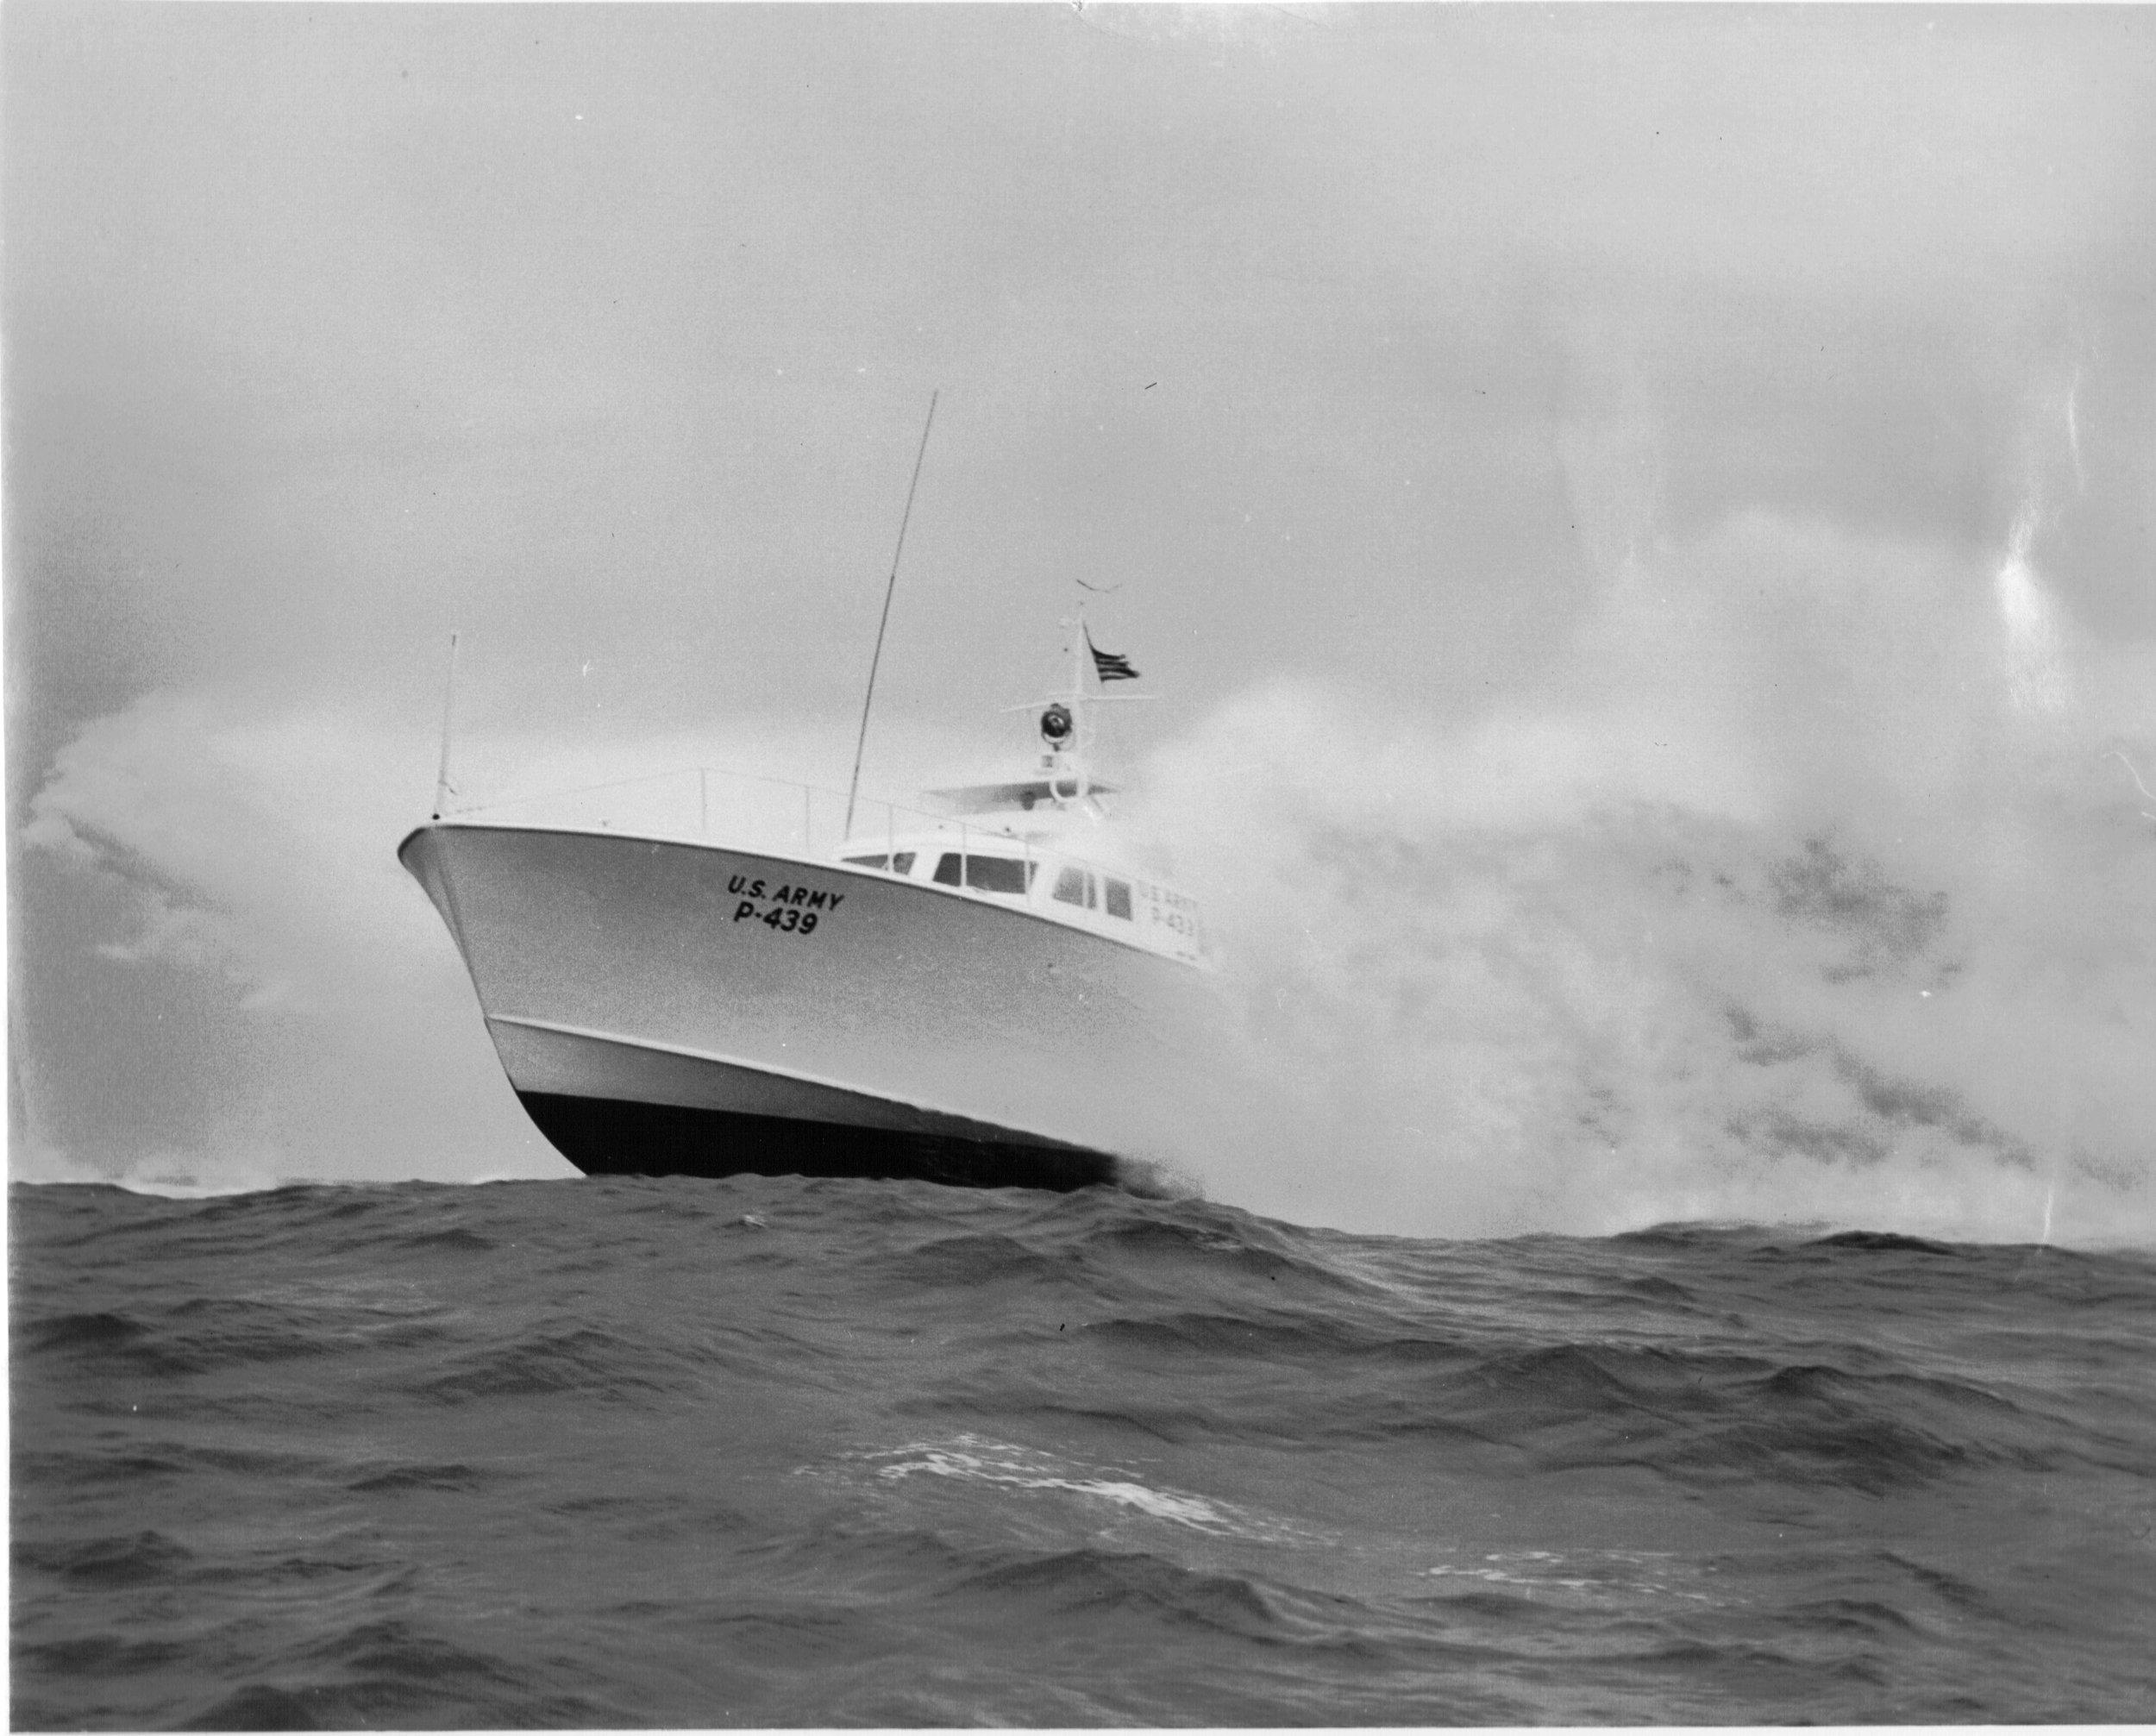 P439_85'_crashboat.jpg